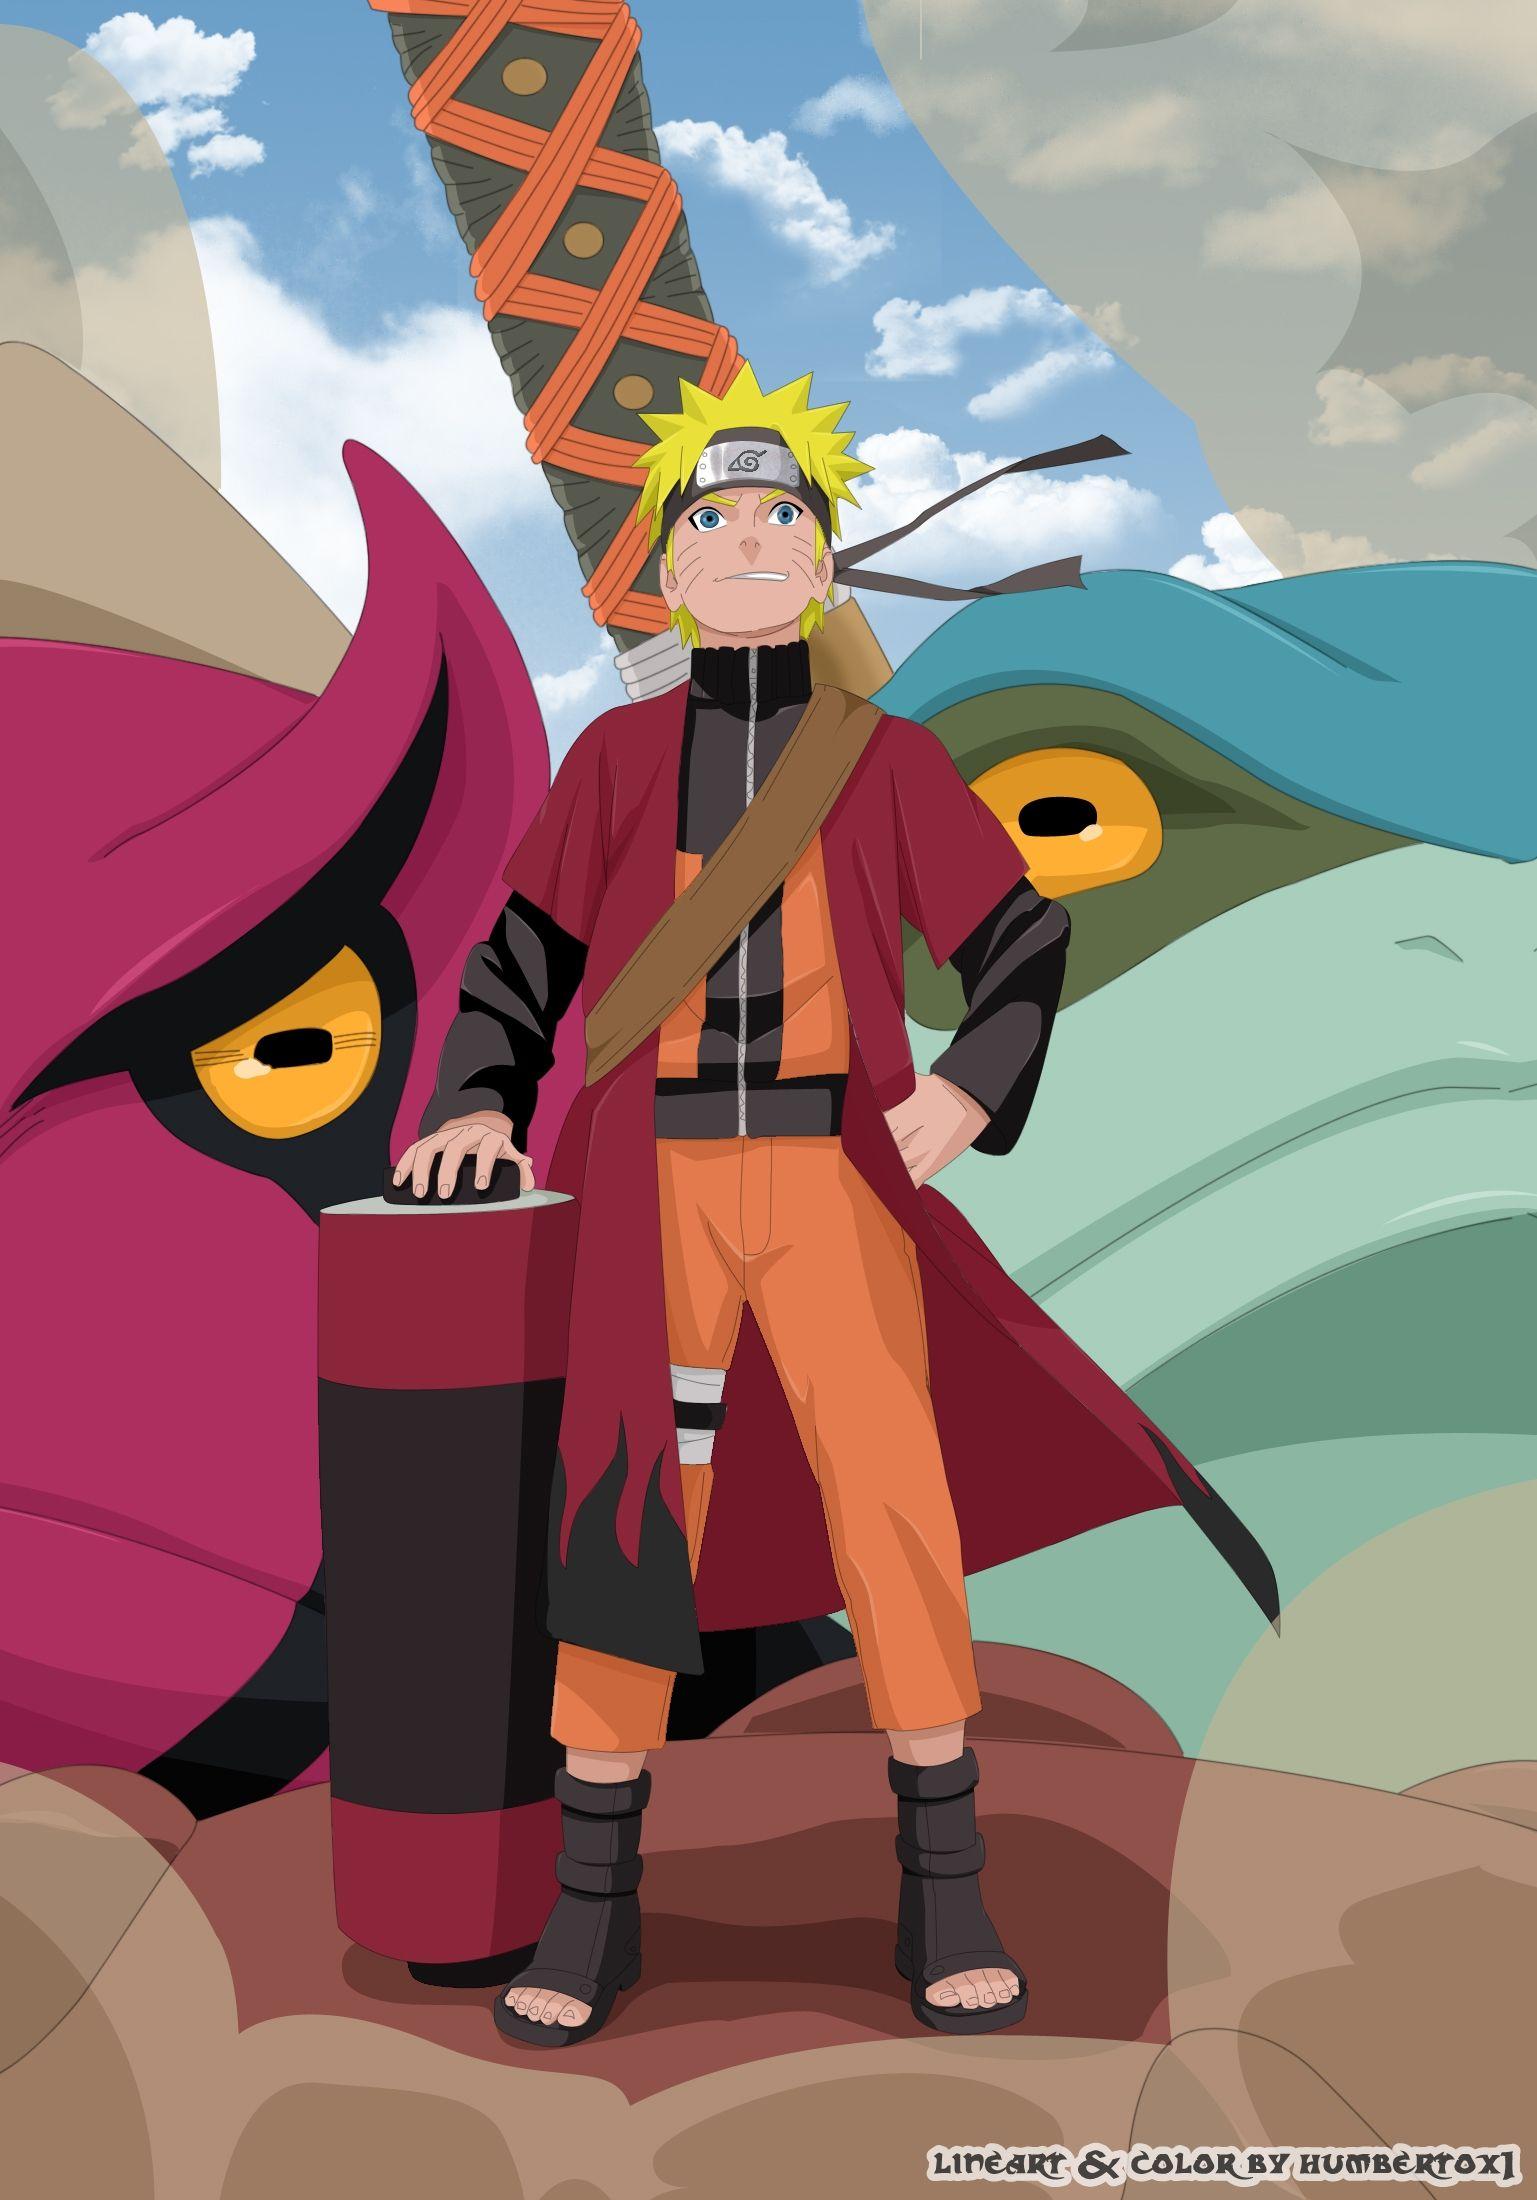 Naruto Sage Mode Naruto Uzumaki Naruto Shippuden Characters Wallpaper Naruto Shippuden